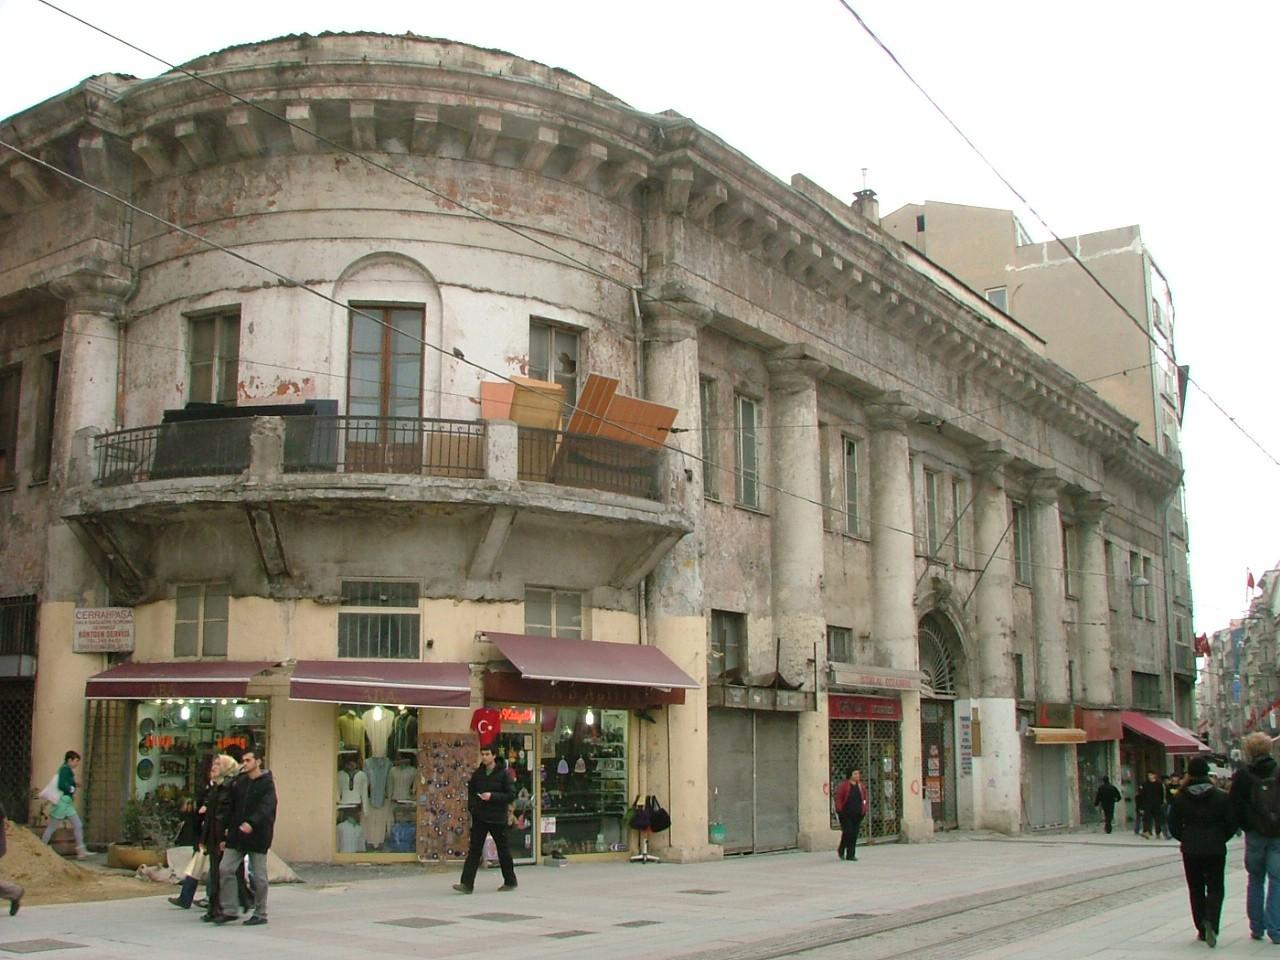 1800'lü yılların sonlarında Rus Elçiliği'nin hizmet binaları olarak inşa edilen Narmanlı Han, İstanbul'un tarihi yerleşim alanlarından Beyoğlu'nda yer alıyor.